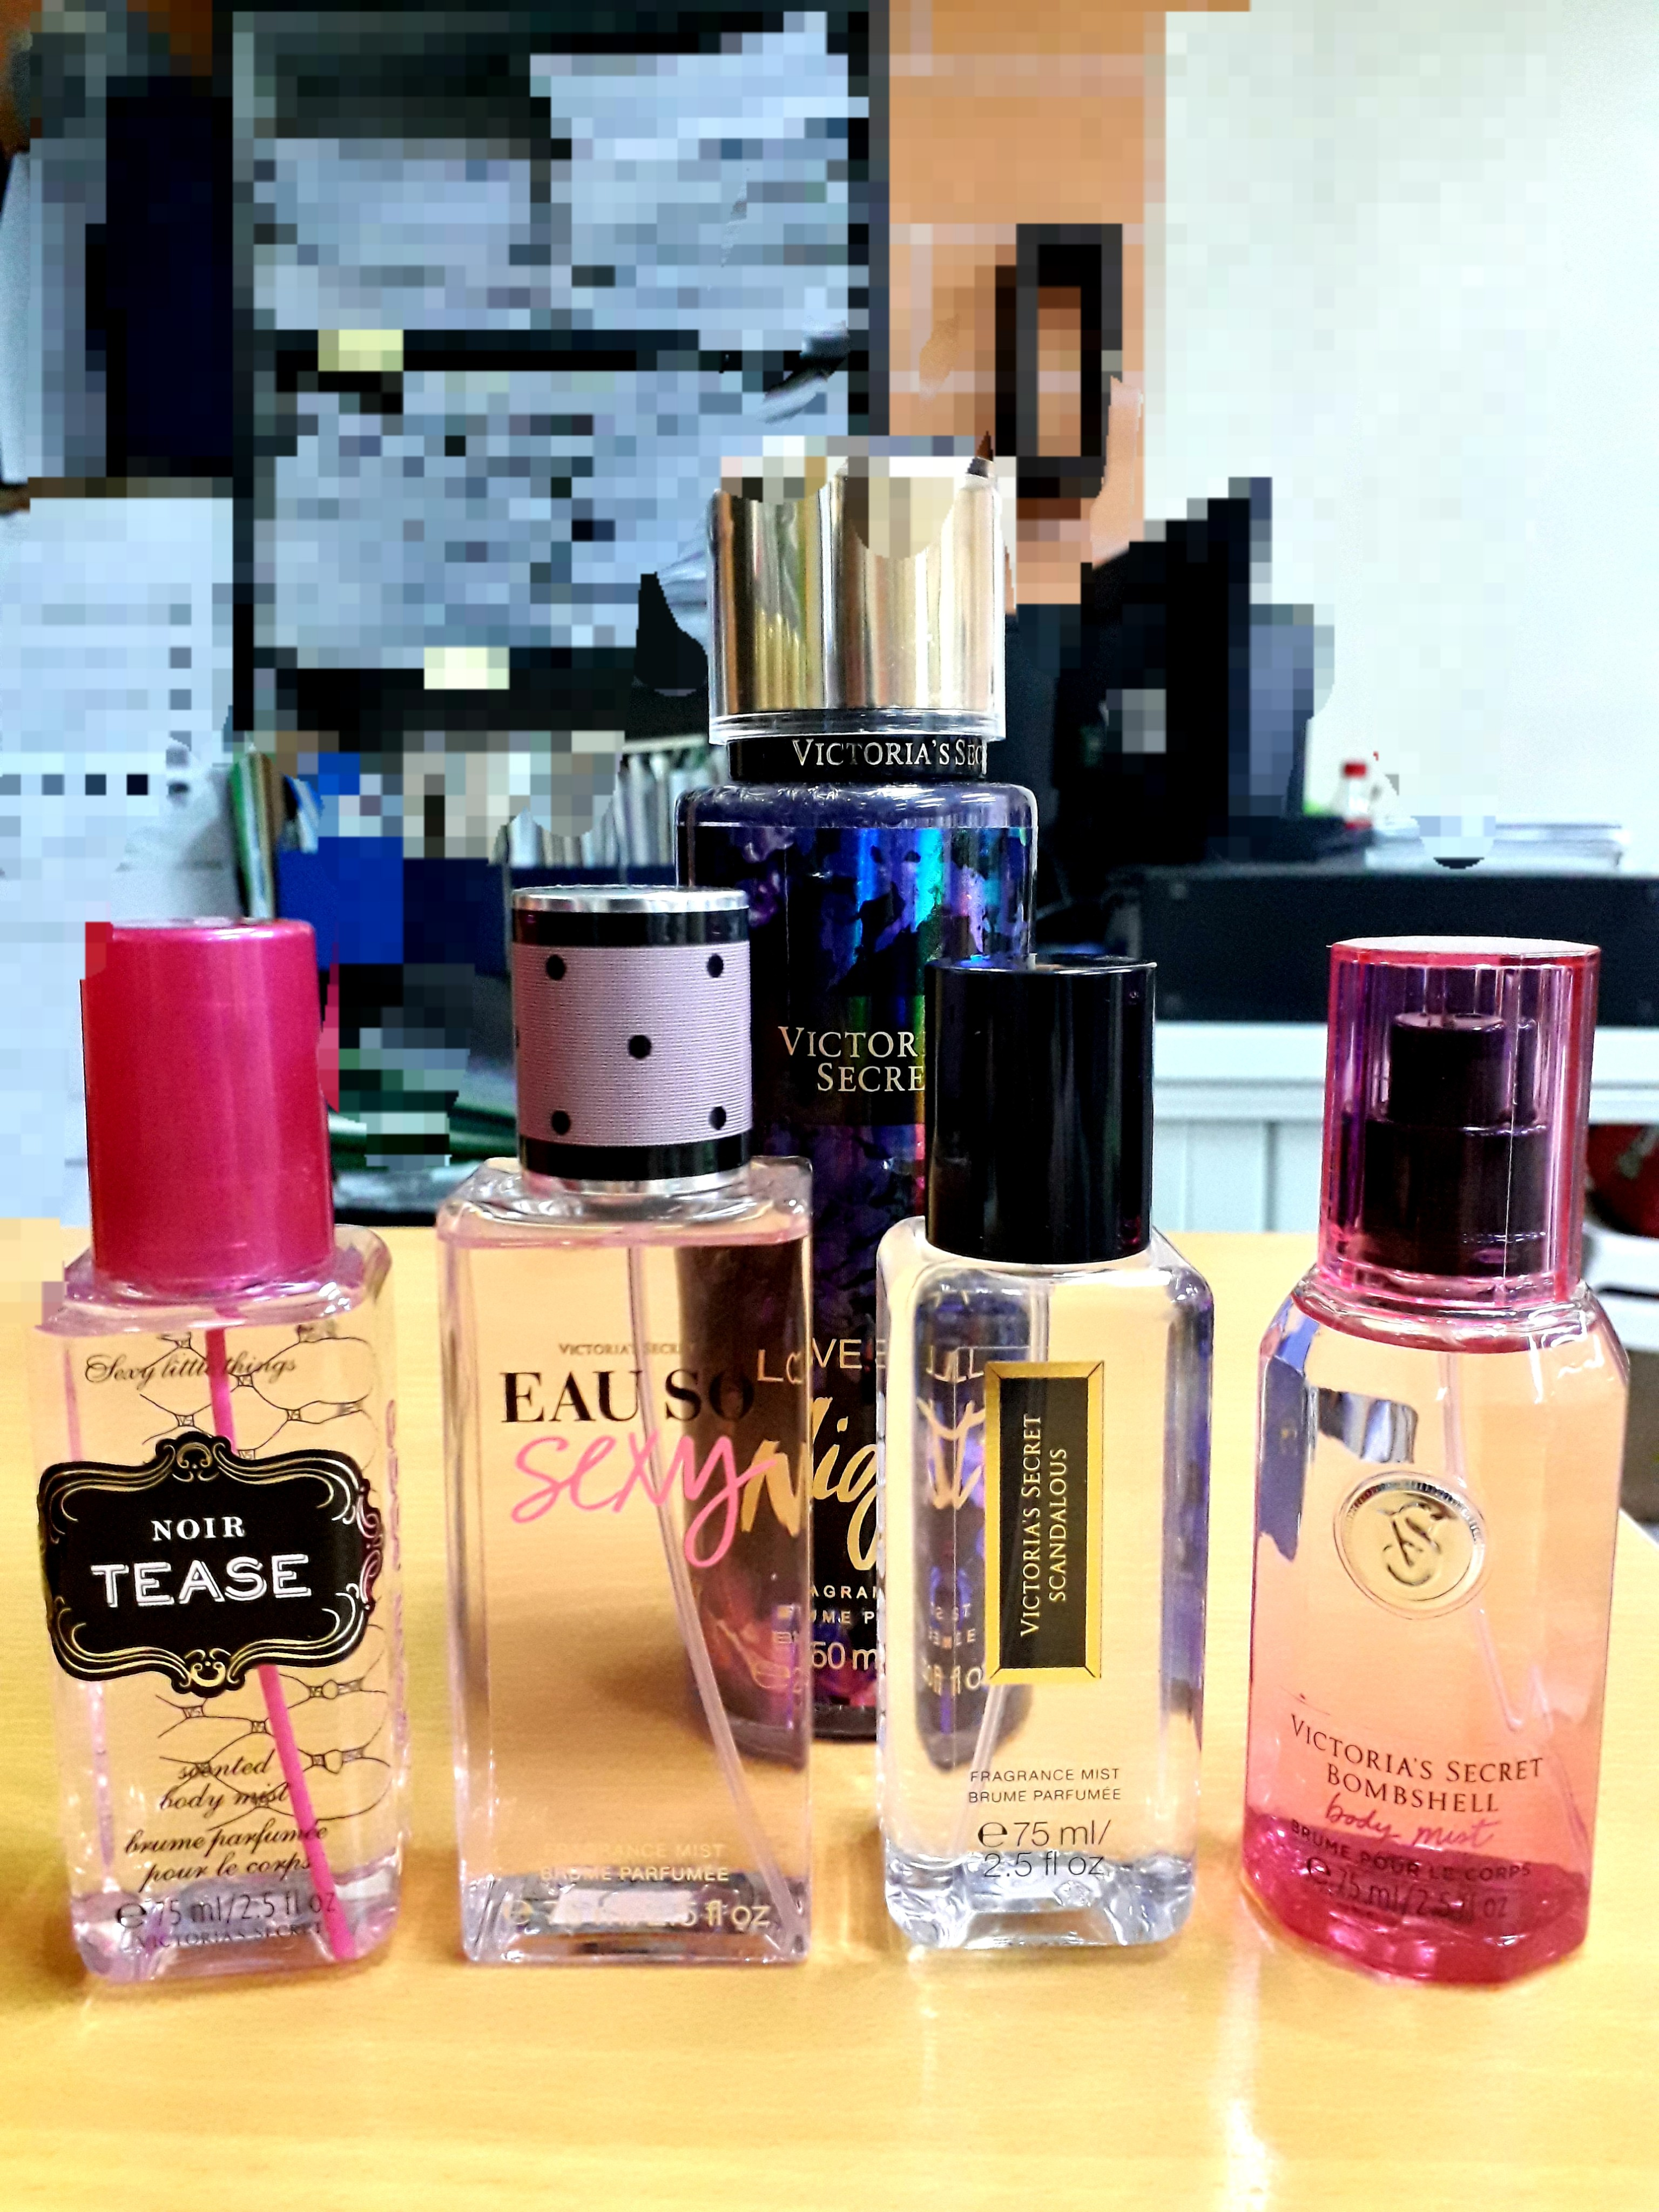 35e6b9d5d7 Authentic Victoria s Secret Perfume